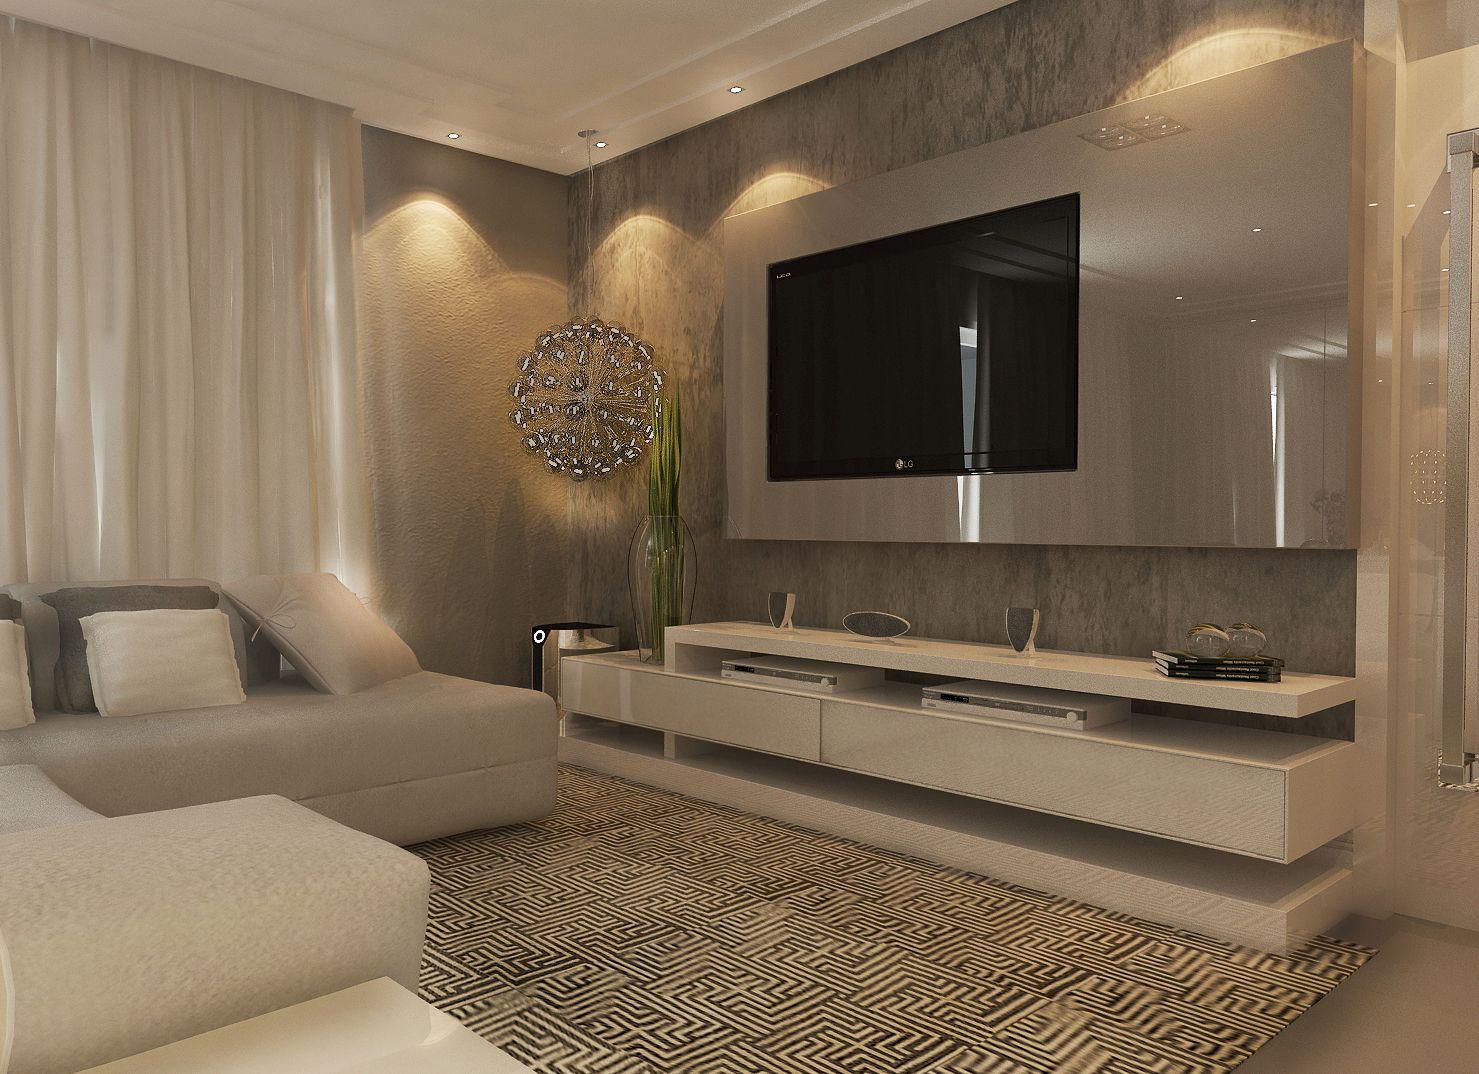 O painel de vidro acomoda o televisor de forma elegante for Espejos finos decorativos